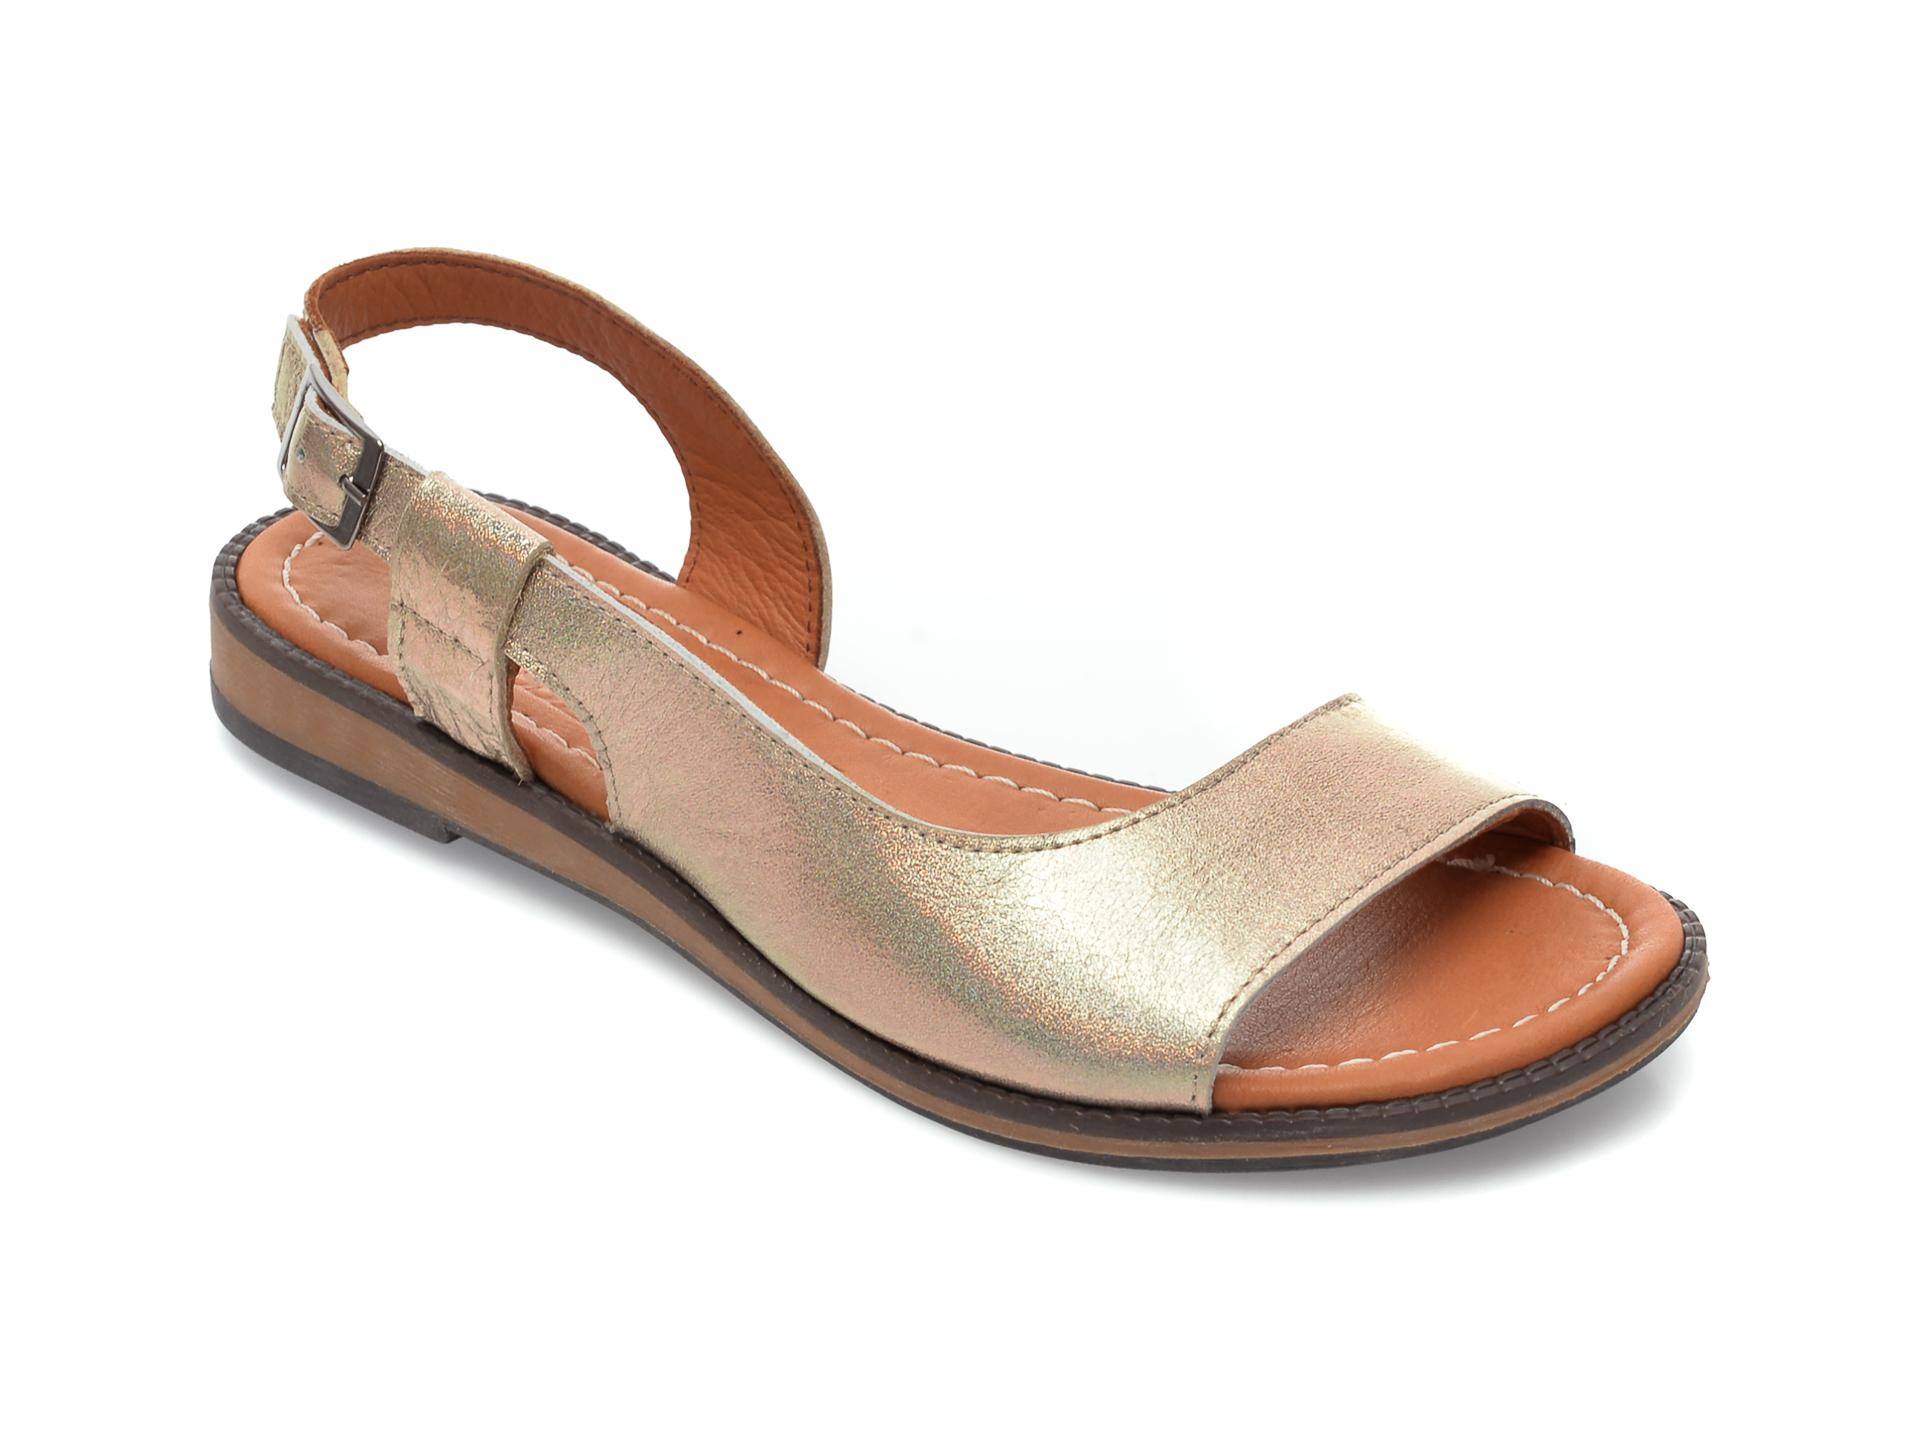 Sandale FLAVIA PASSINI aurii, 21, din piele naturala New